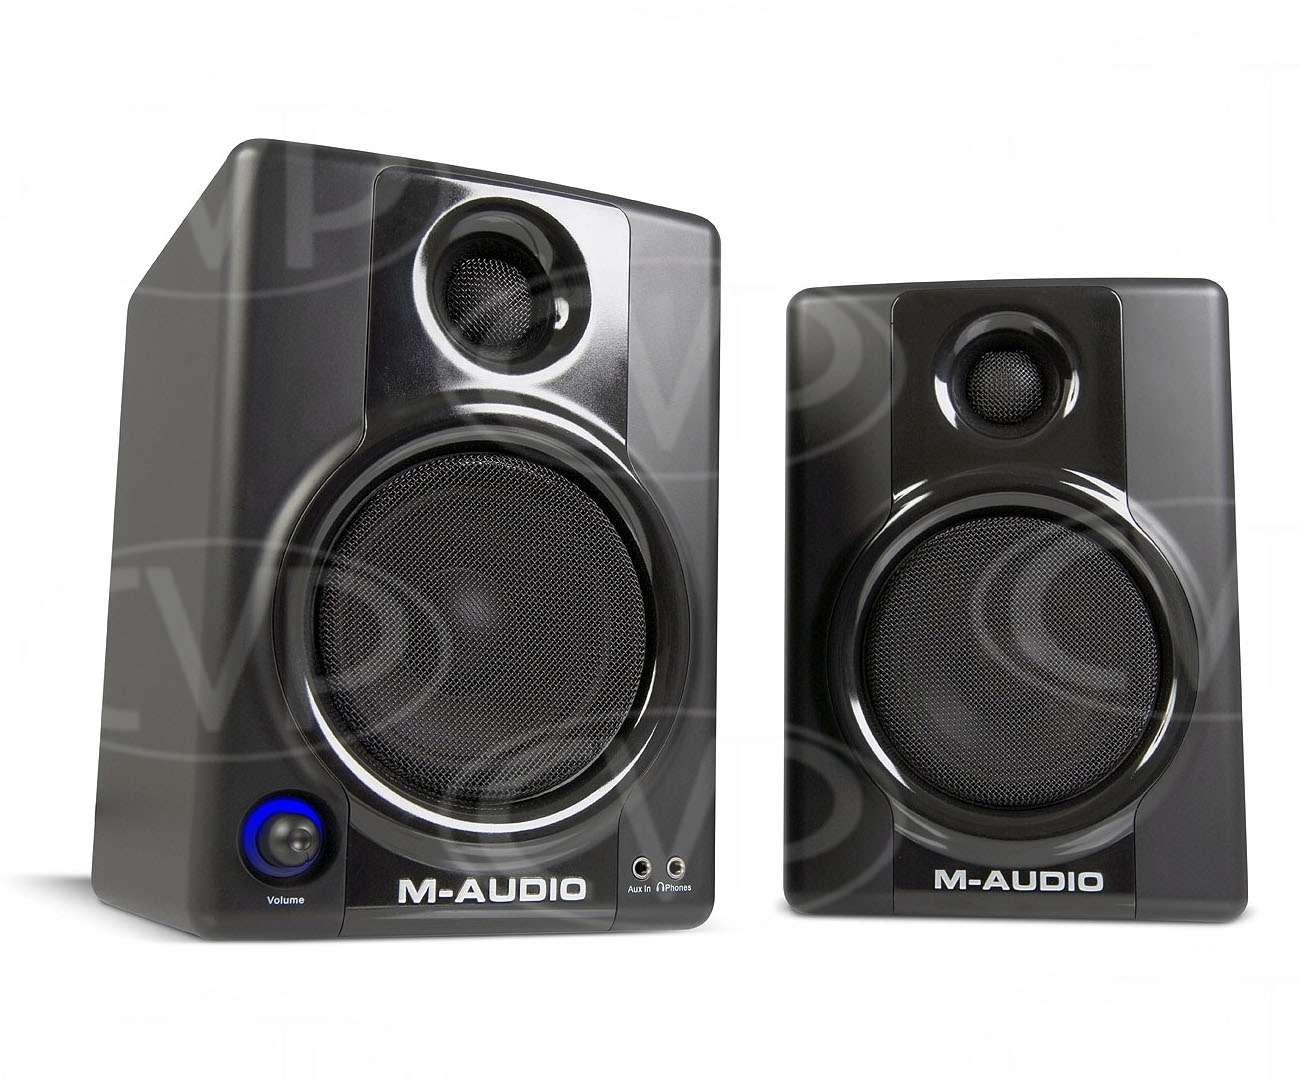 M-Audio Studiophile AV 40 Version II Monitor Speakers for Professional